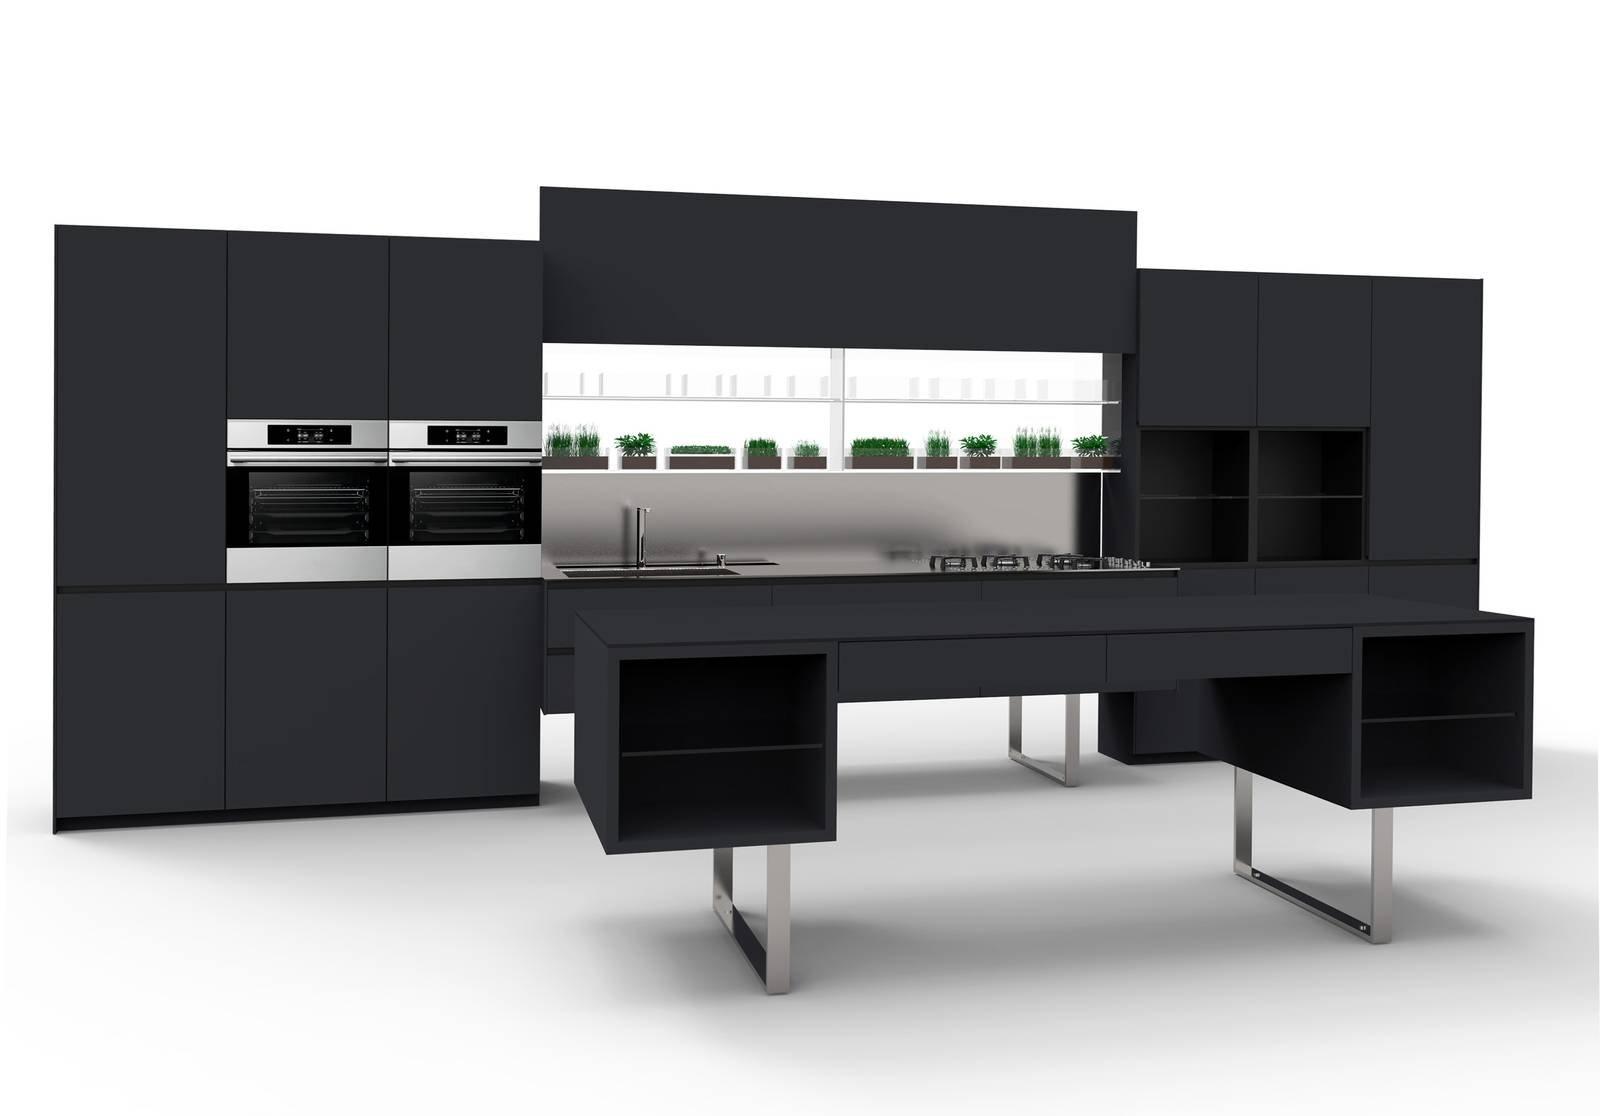 Nero in cucina dai mobili alla finestra black is rock - Top cucina fenix prezzo ...